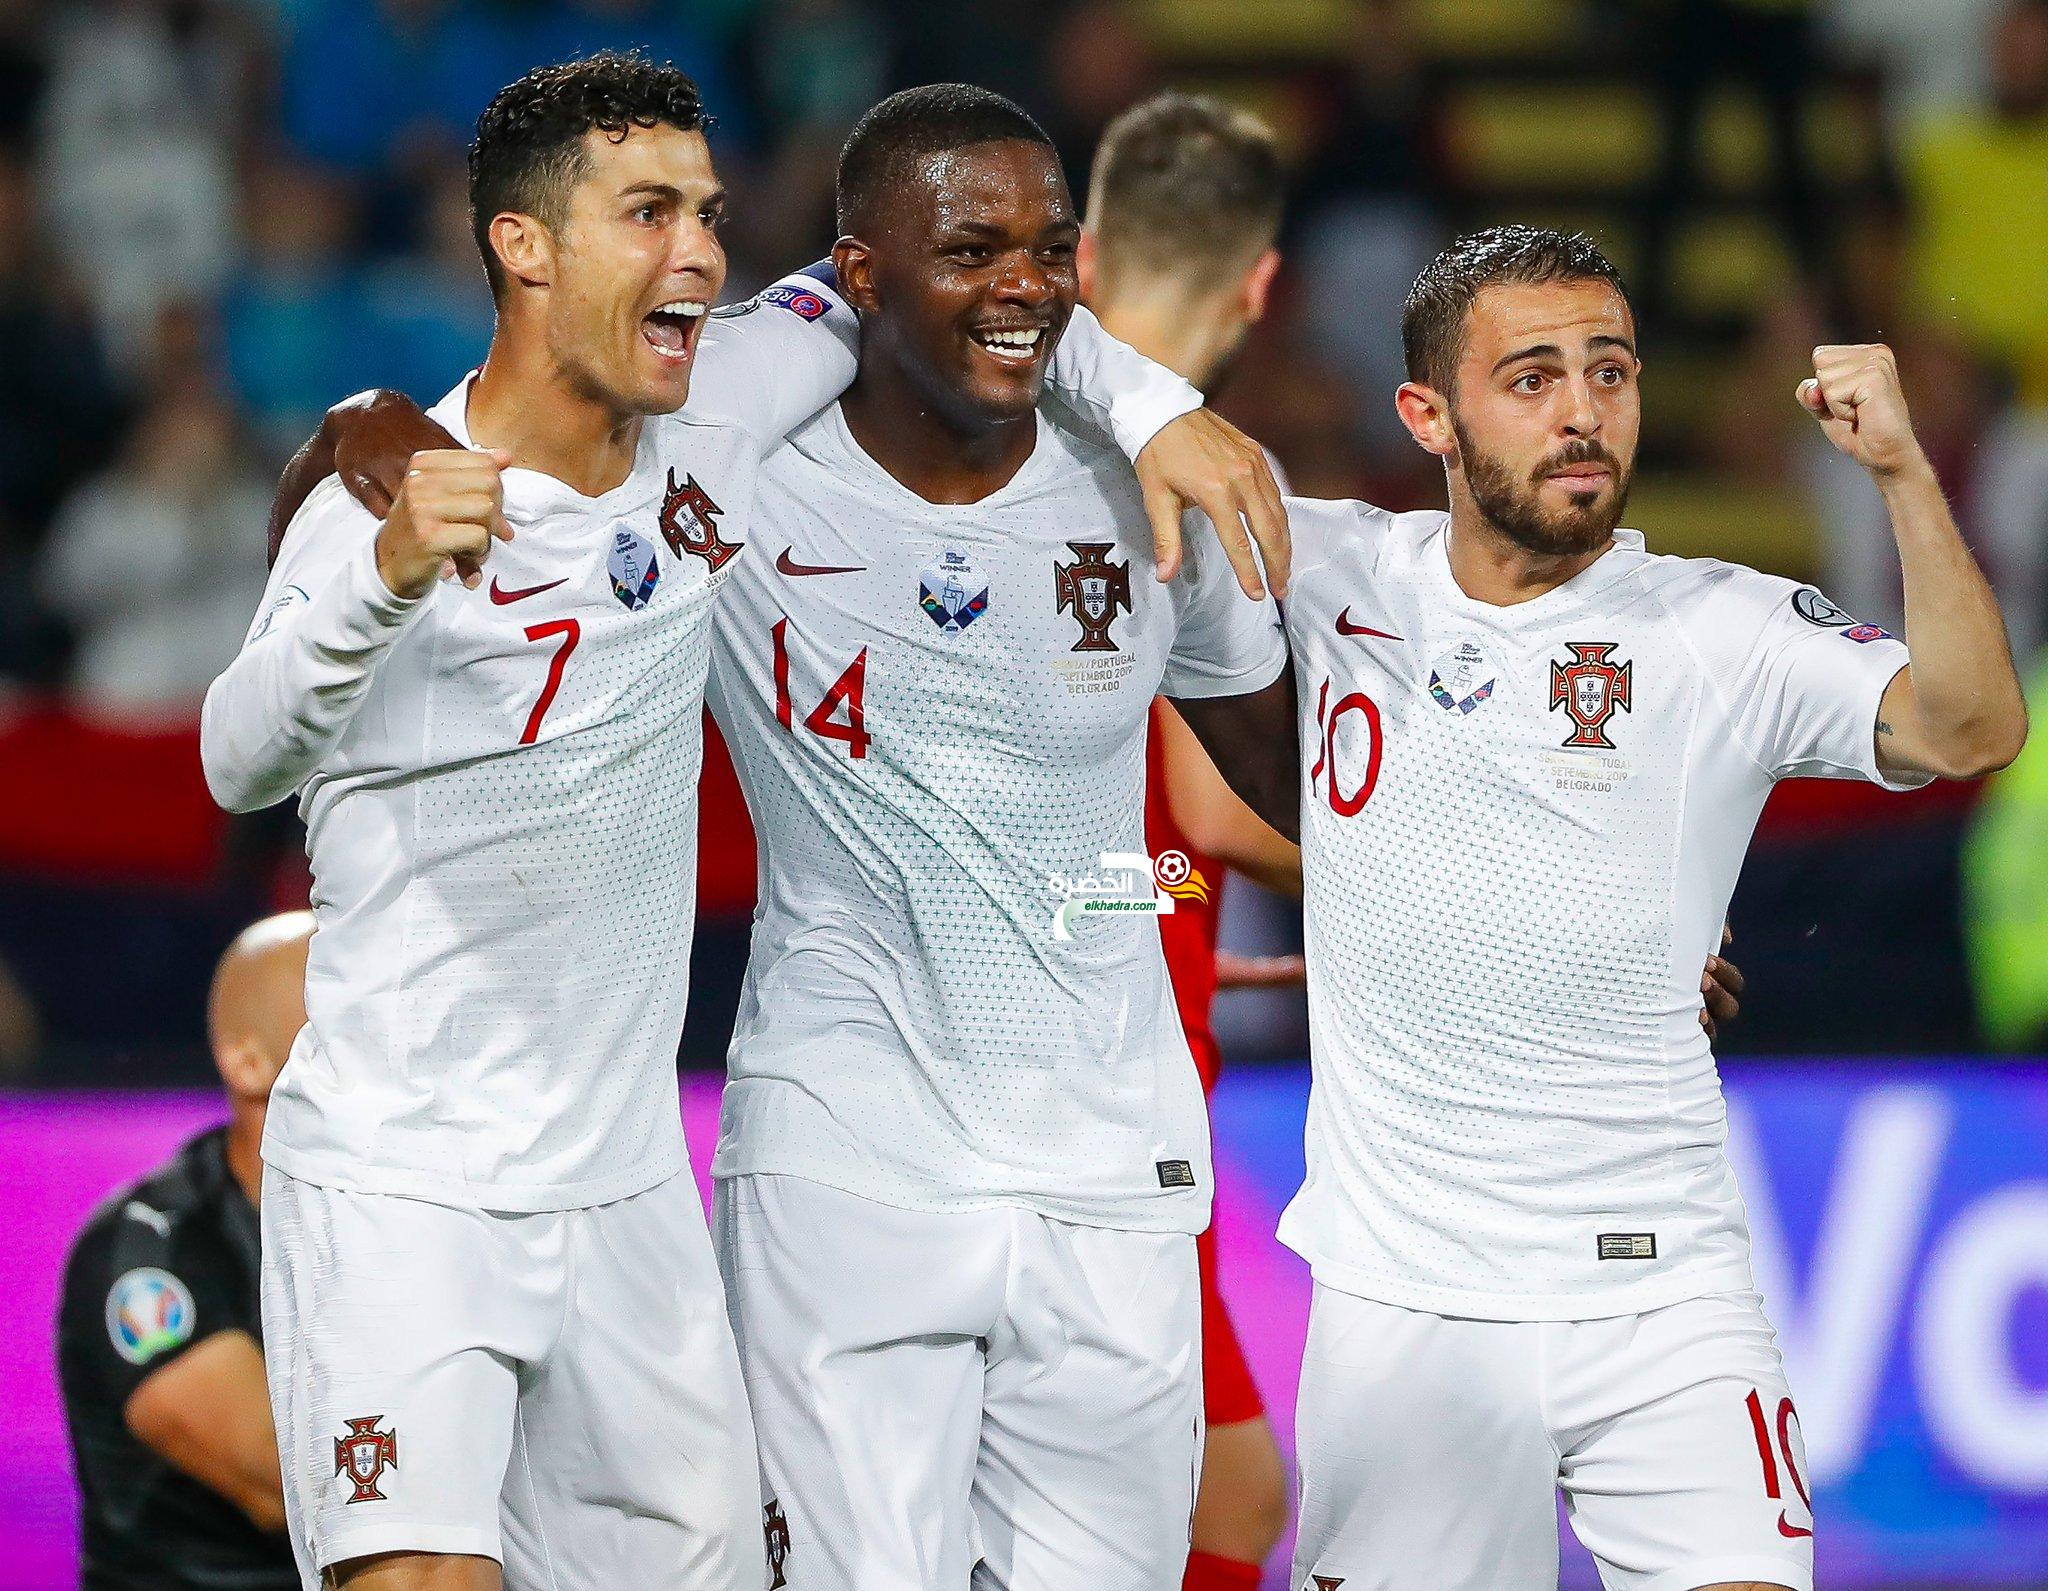 رونالدو يقود البرتغال لتحقيق فوز كبير على نظيره الصربي 24